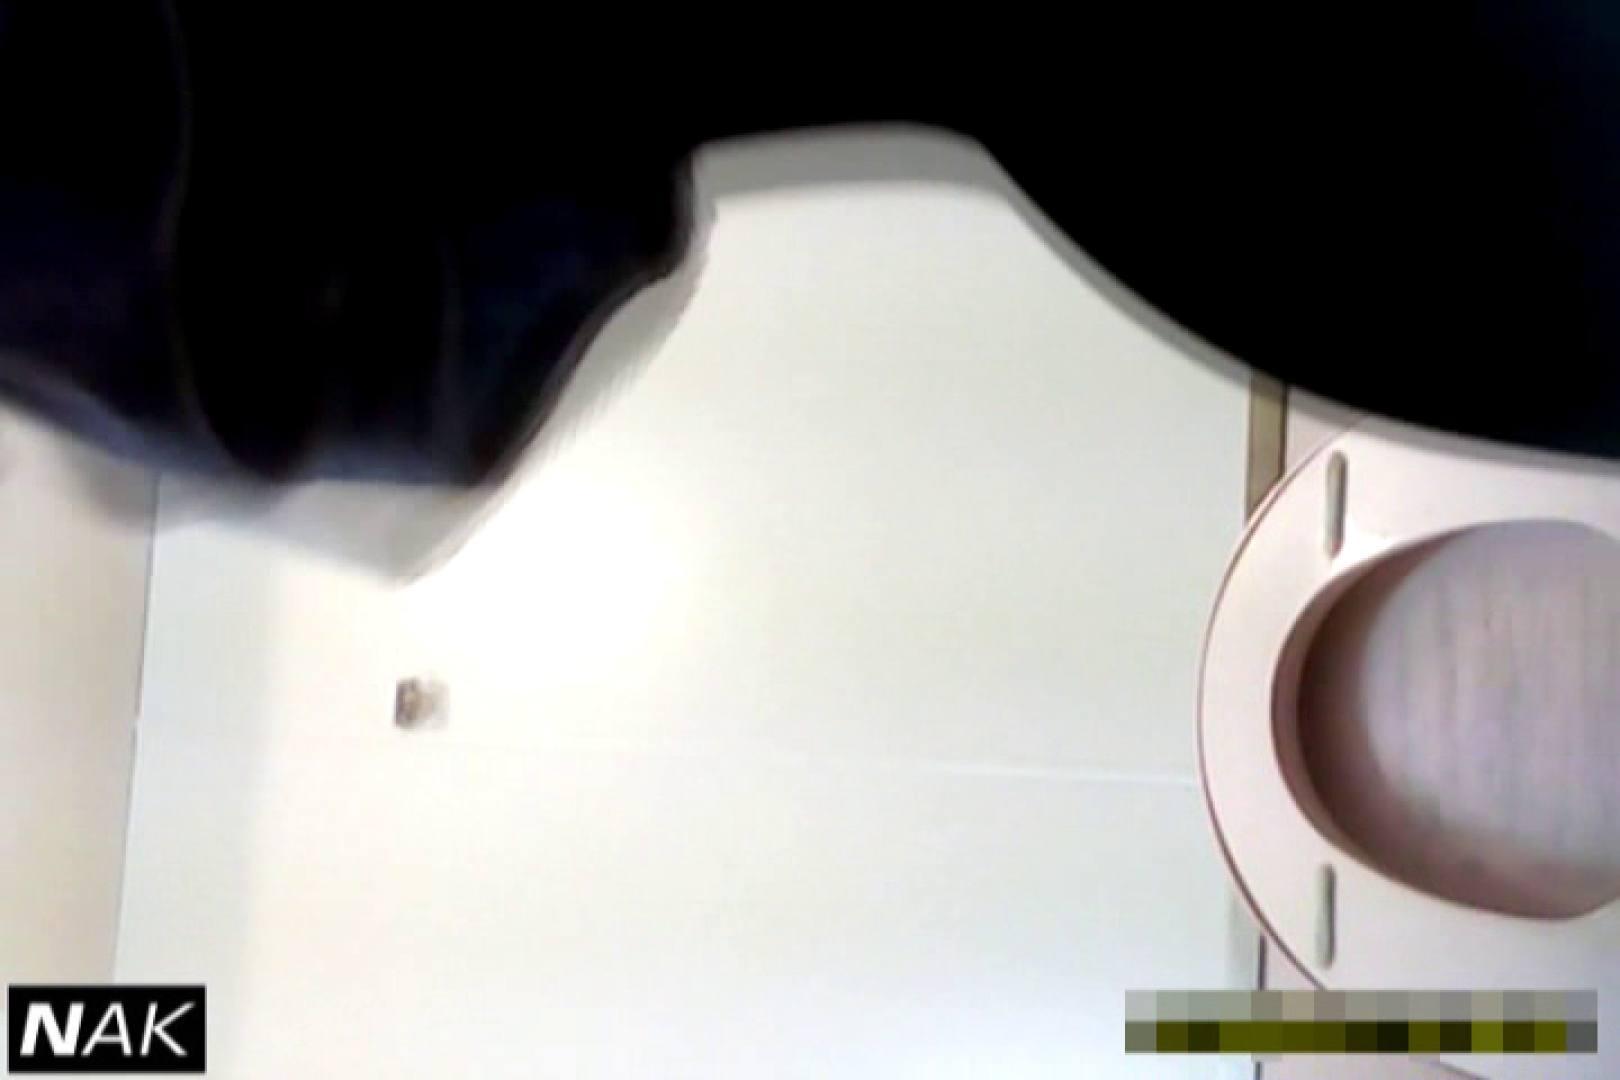 超高画質5000K!脅威の1点集中かわや! vol.06 盗撮師作品 | マンコ・ムレムレ  79pic 79